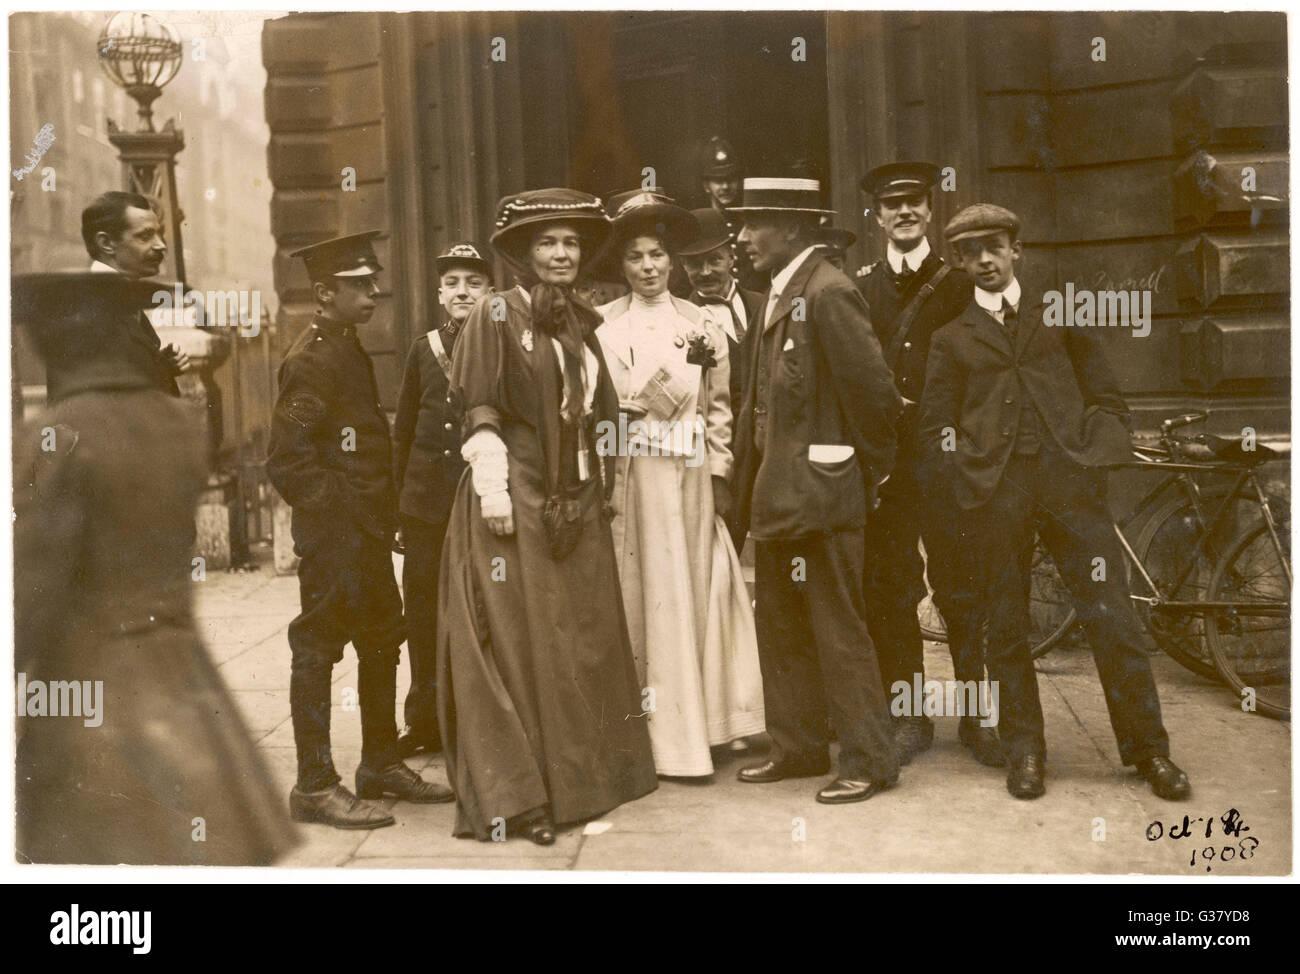 Sylvain Pankhurst et les Pethick-Lawrences en dehors du tribunal de première instance de Bow Street pendant 'rush' Procès. Date: 14 Octobre 1908 Banque D'Images